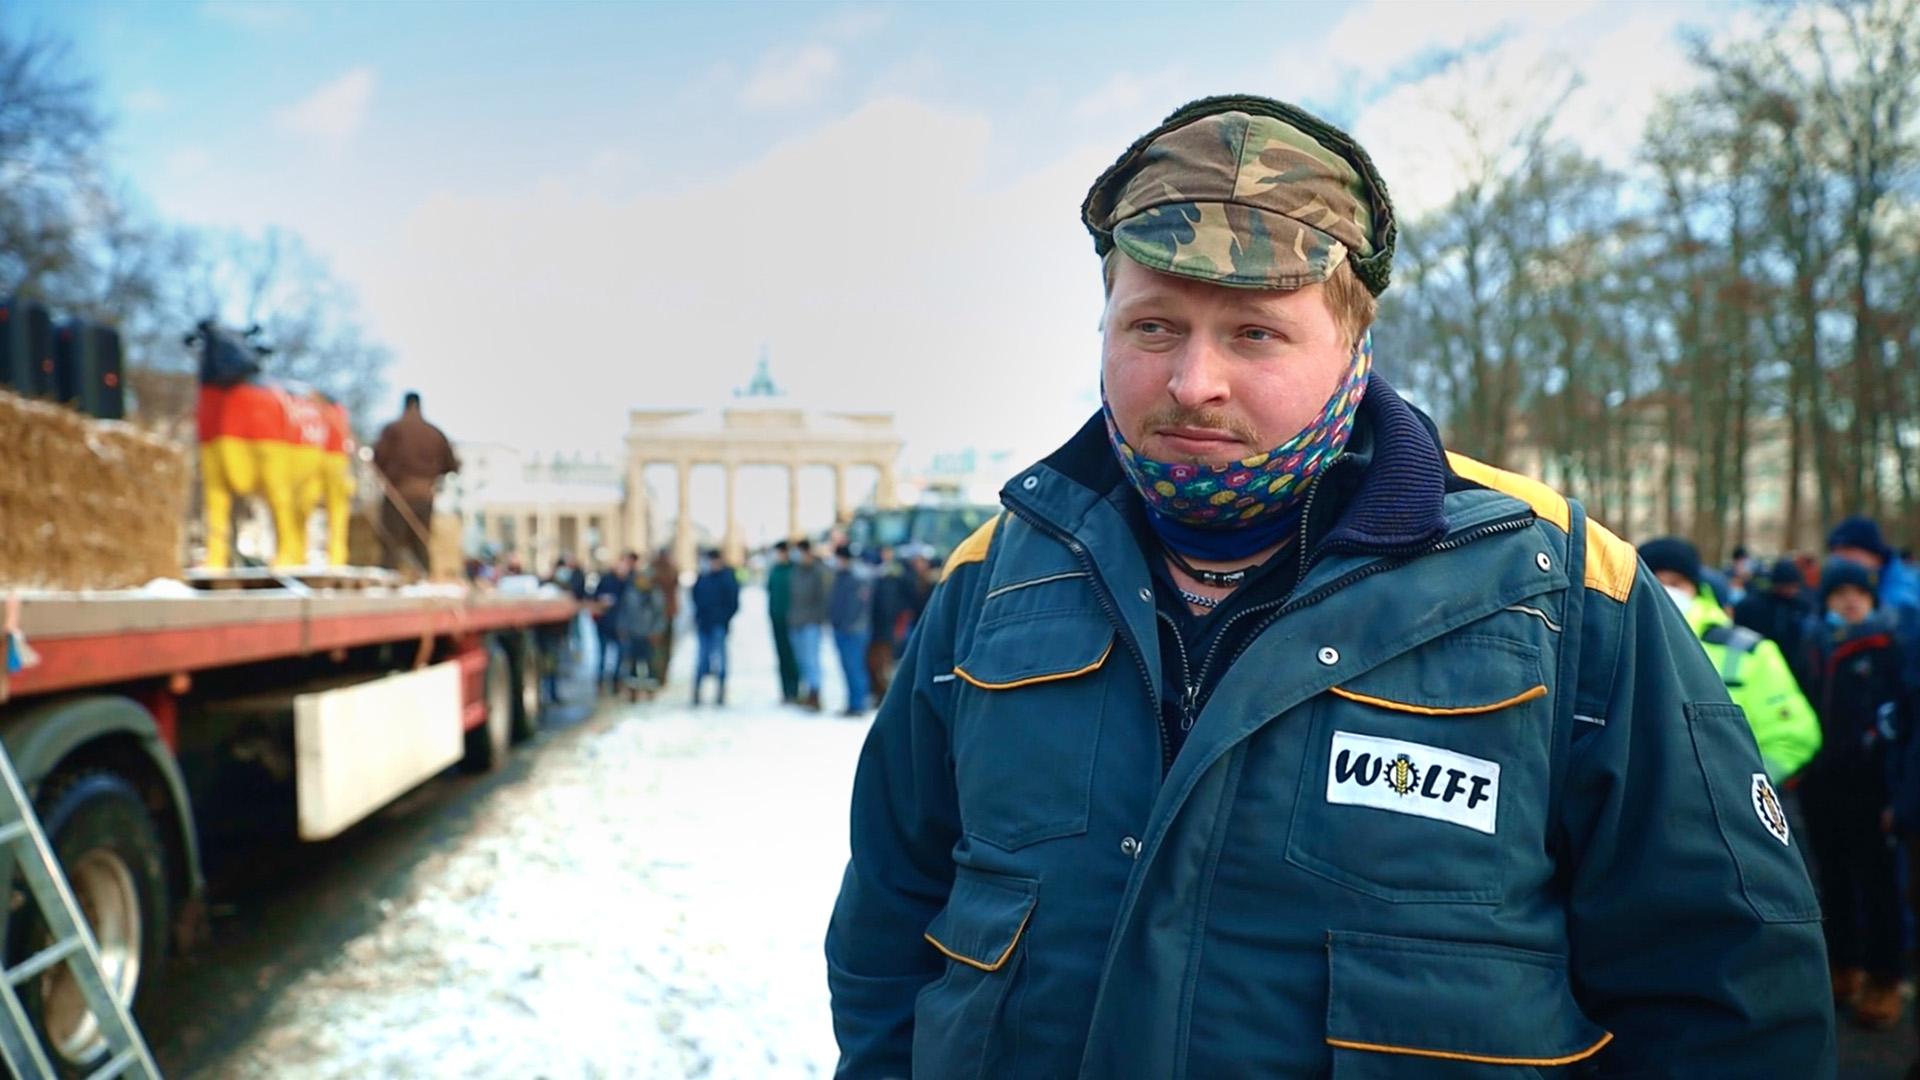 Andree Wolff bei Bauernprotesten: Versorgungssicherheit gefährdet – Blanke Ignoranz von Politikern